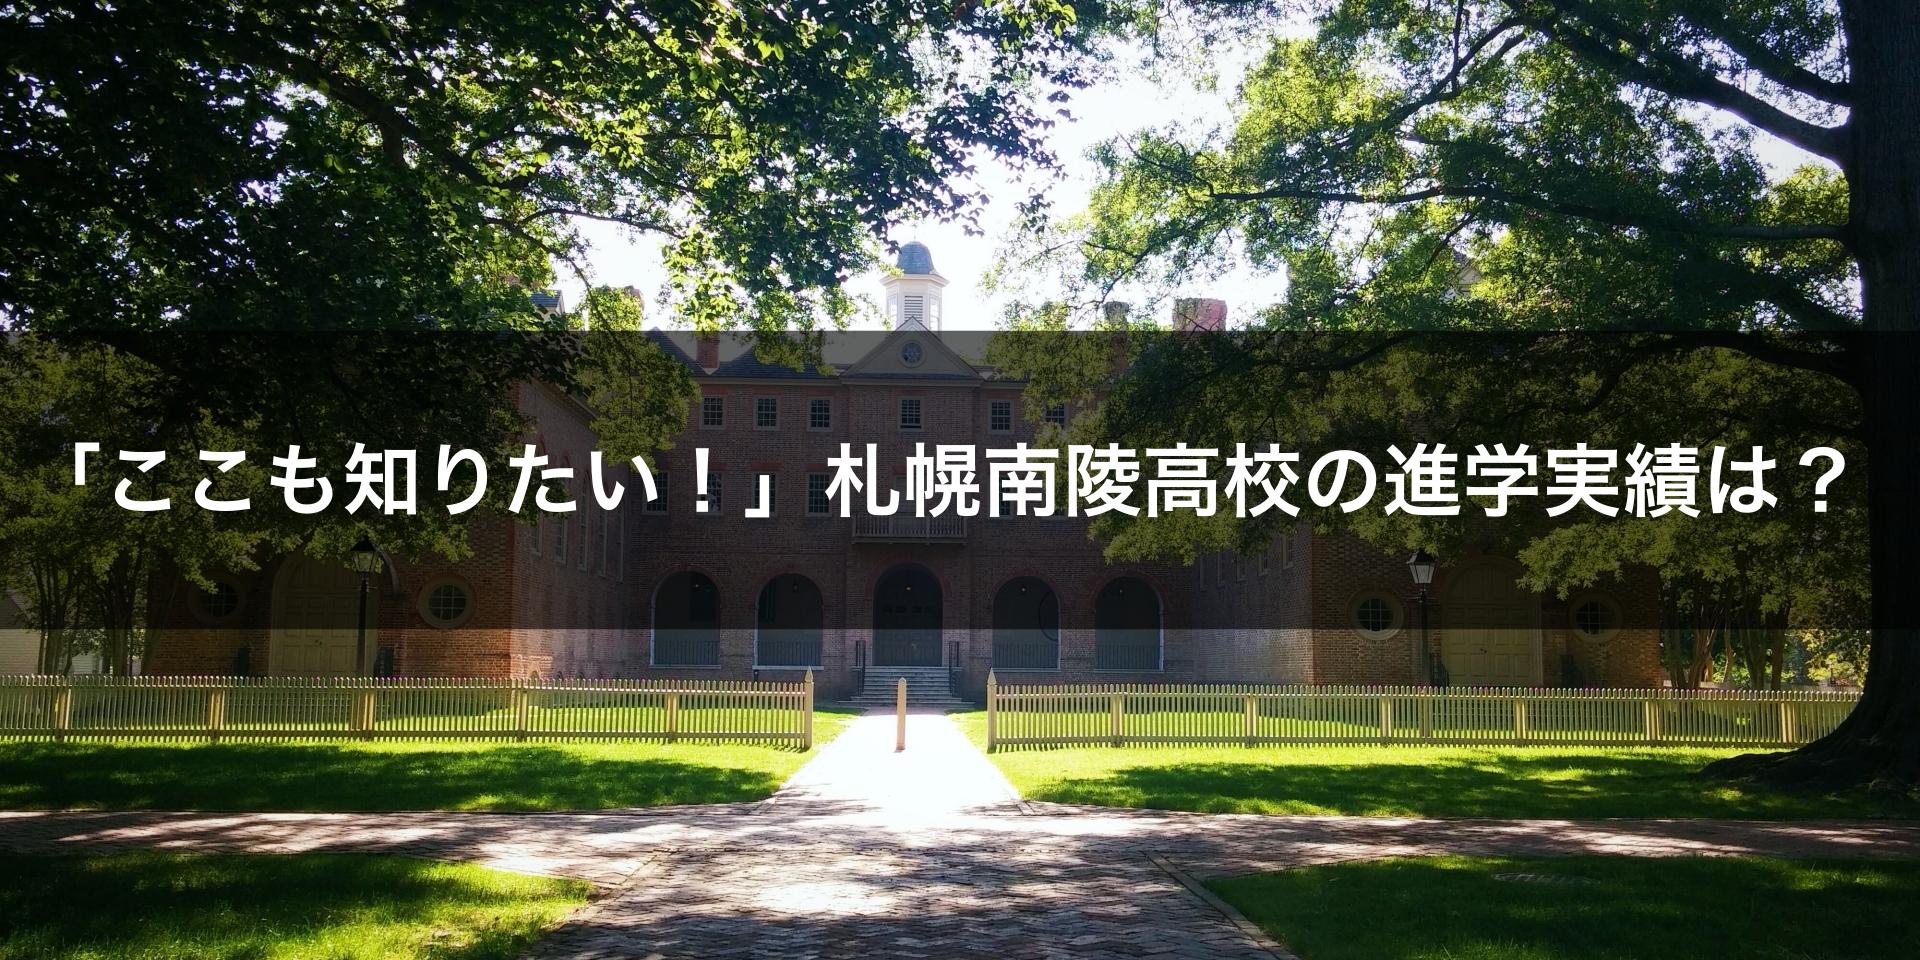 札幌南陵高校の進学実績は?